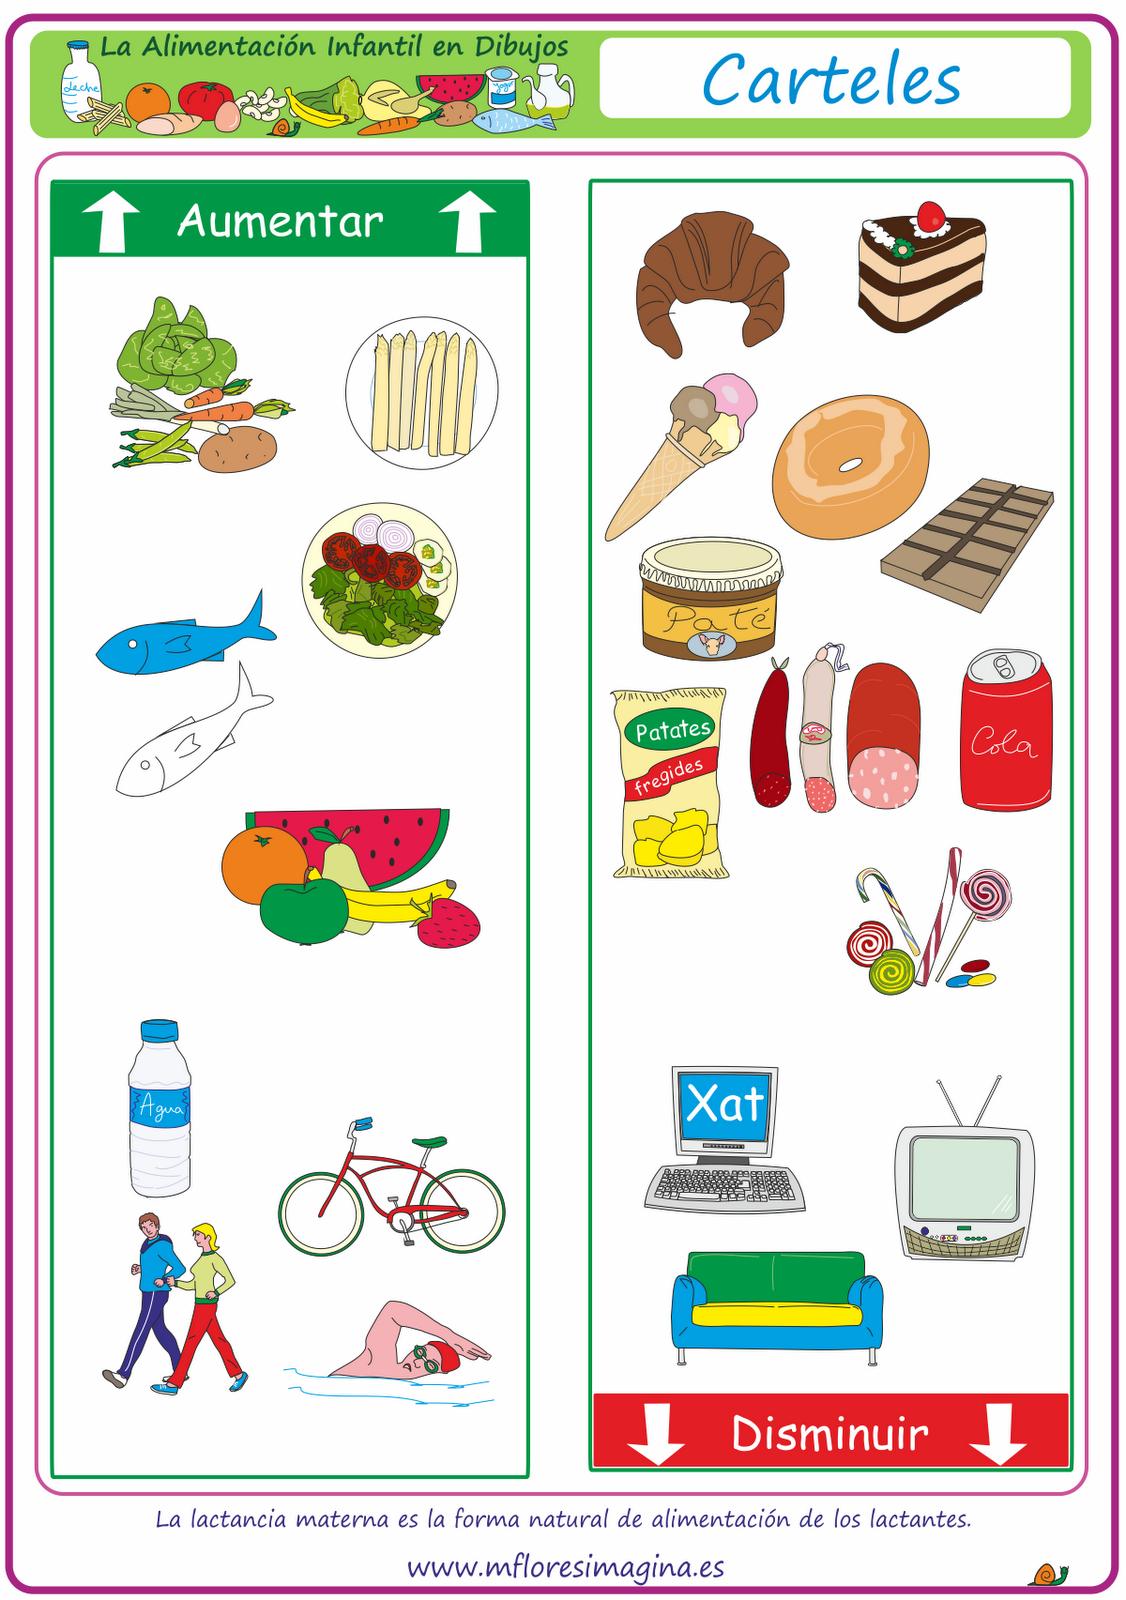 La Alimentacion Infantil En Dibujos Aumentar Disminuir Alimentacion Saludable Para Ninos Vida Saludable Para Ninos Nutricion Para Ninos